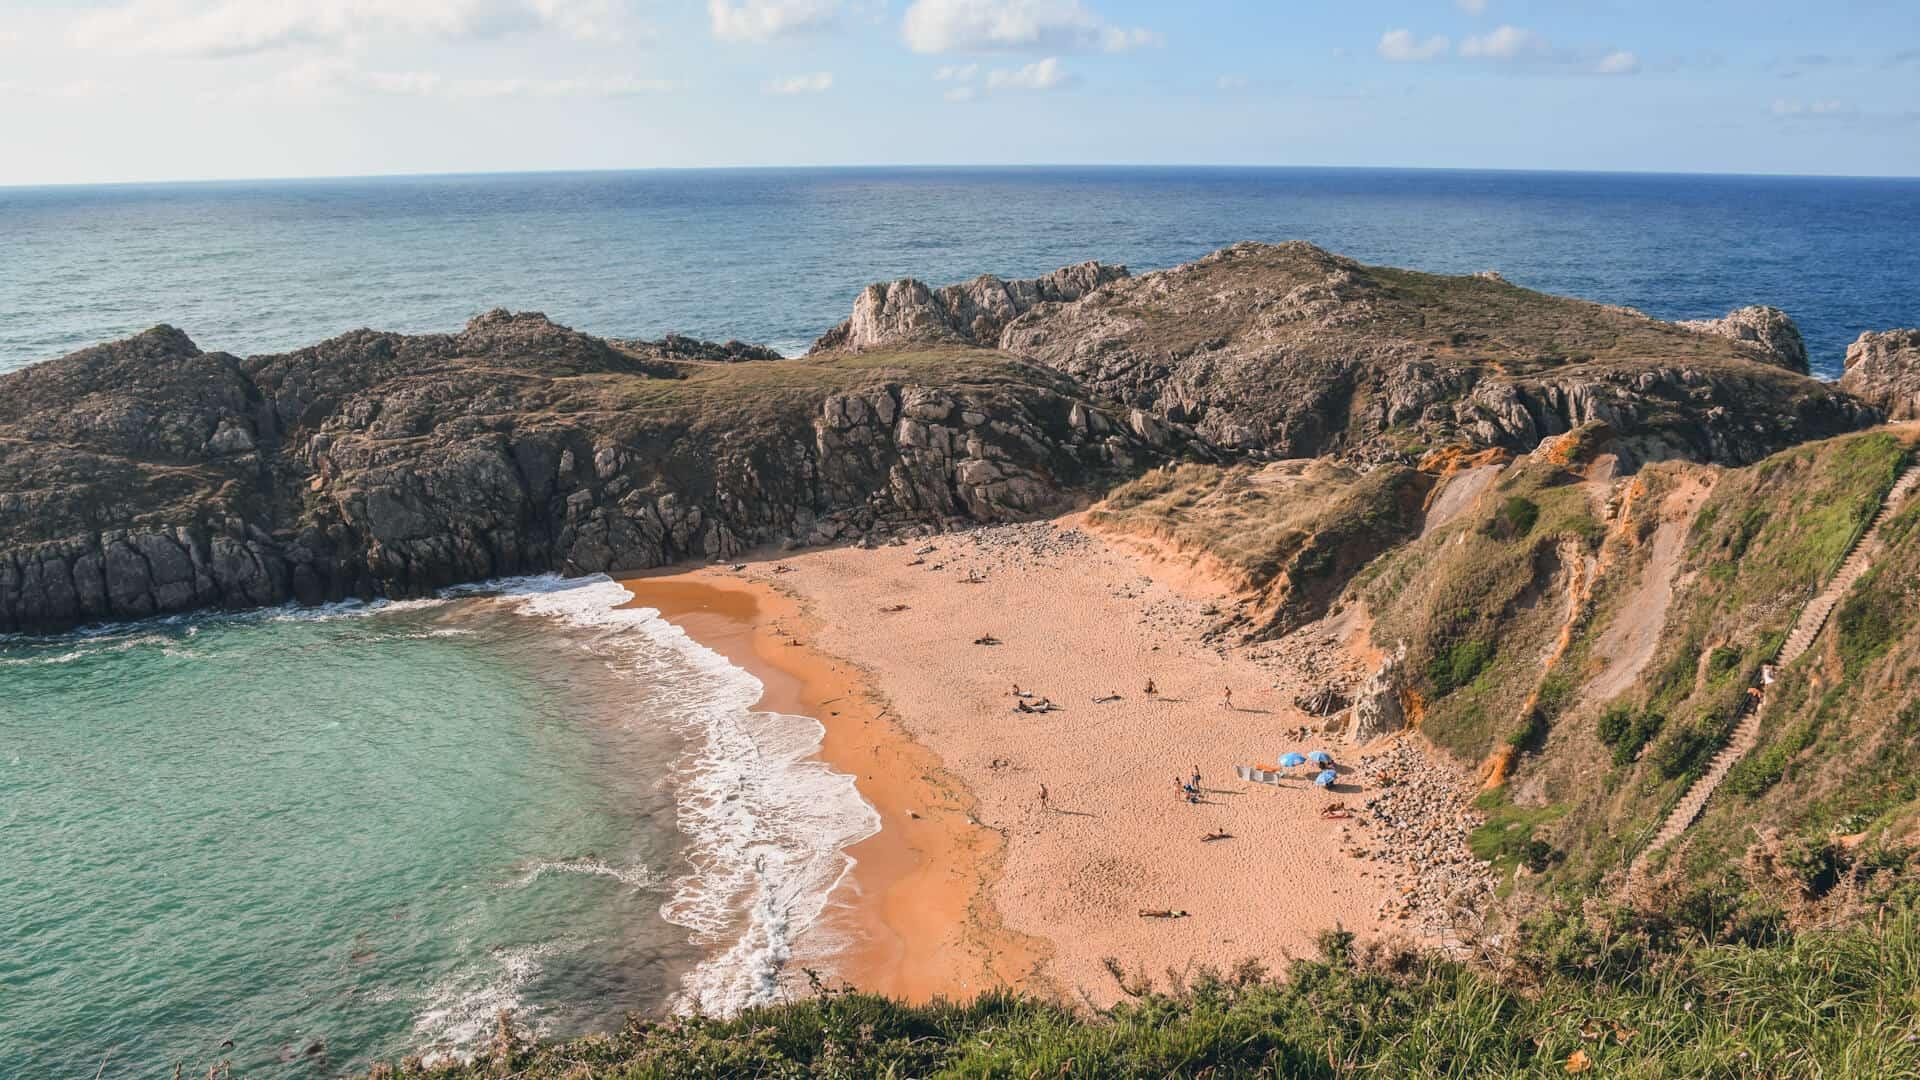 mejores playas cerca de santander somocuevas 1